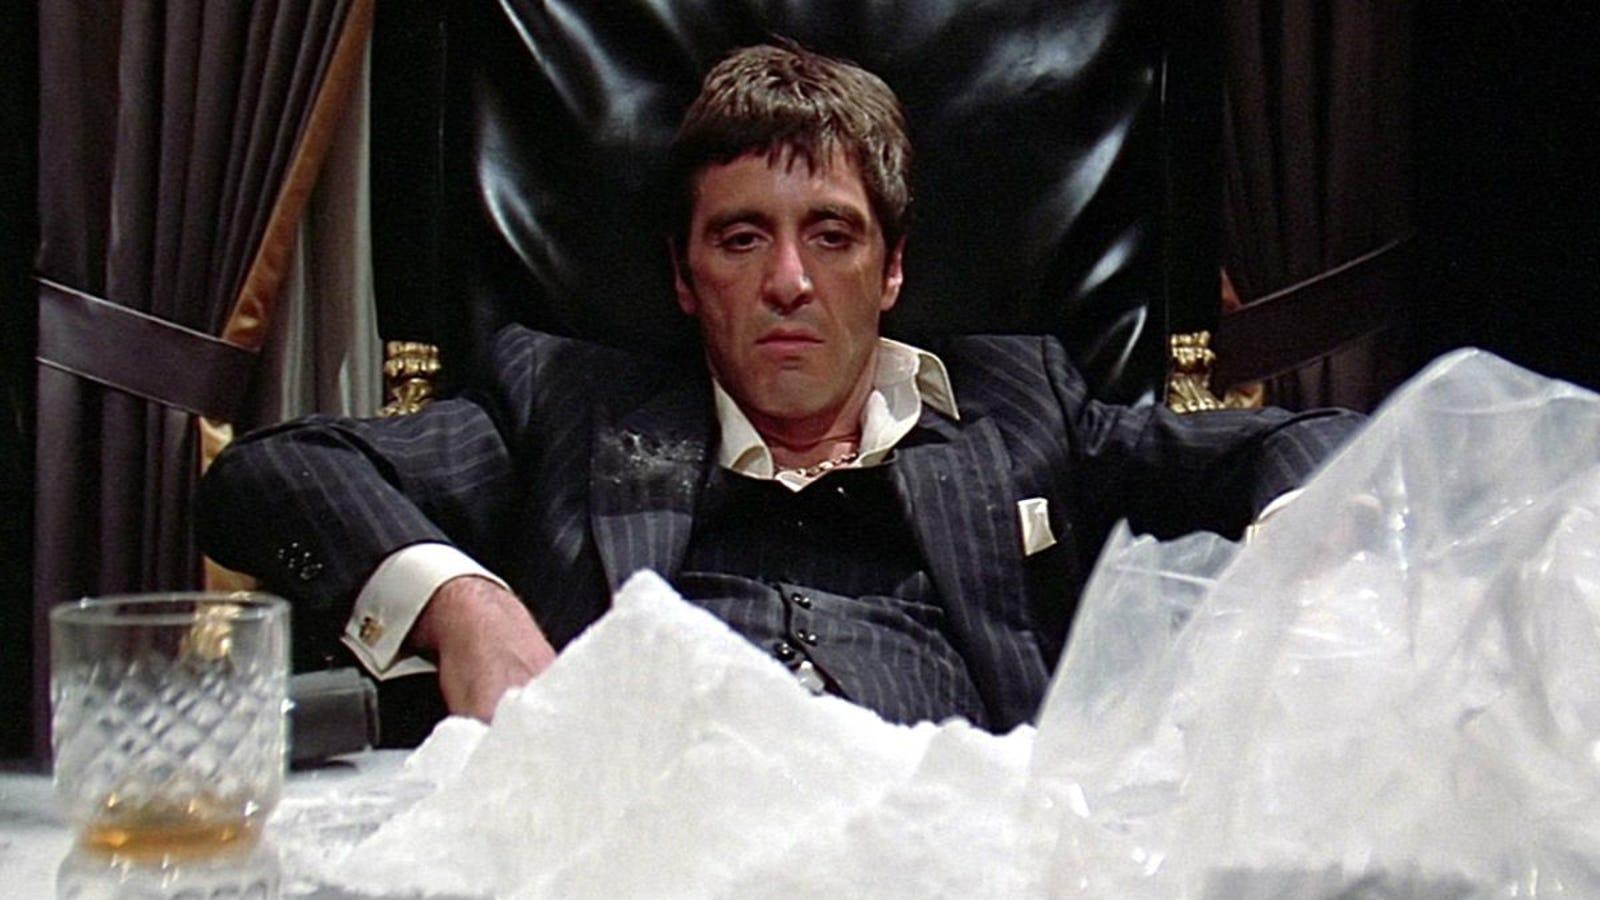 ¿Qué es en realidad el polvo blanco que esnifan los actores en las películas?